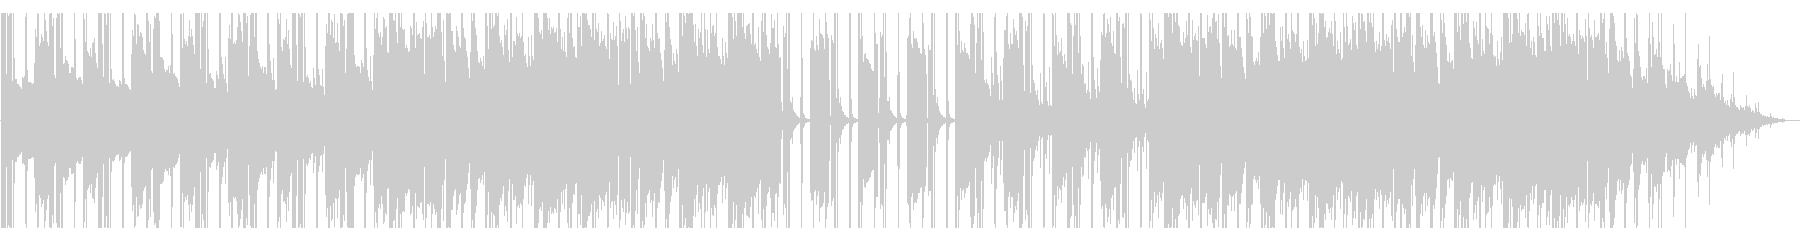 怪しい/ヒップホップ_No417の未再生の波形